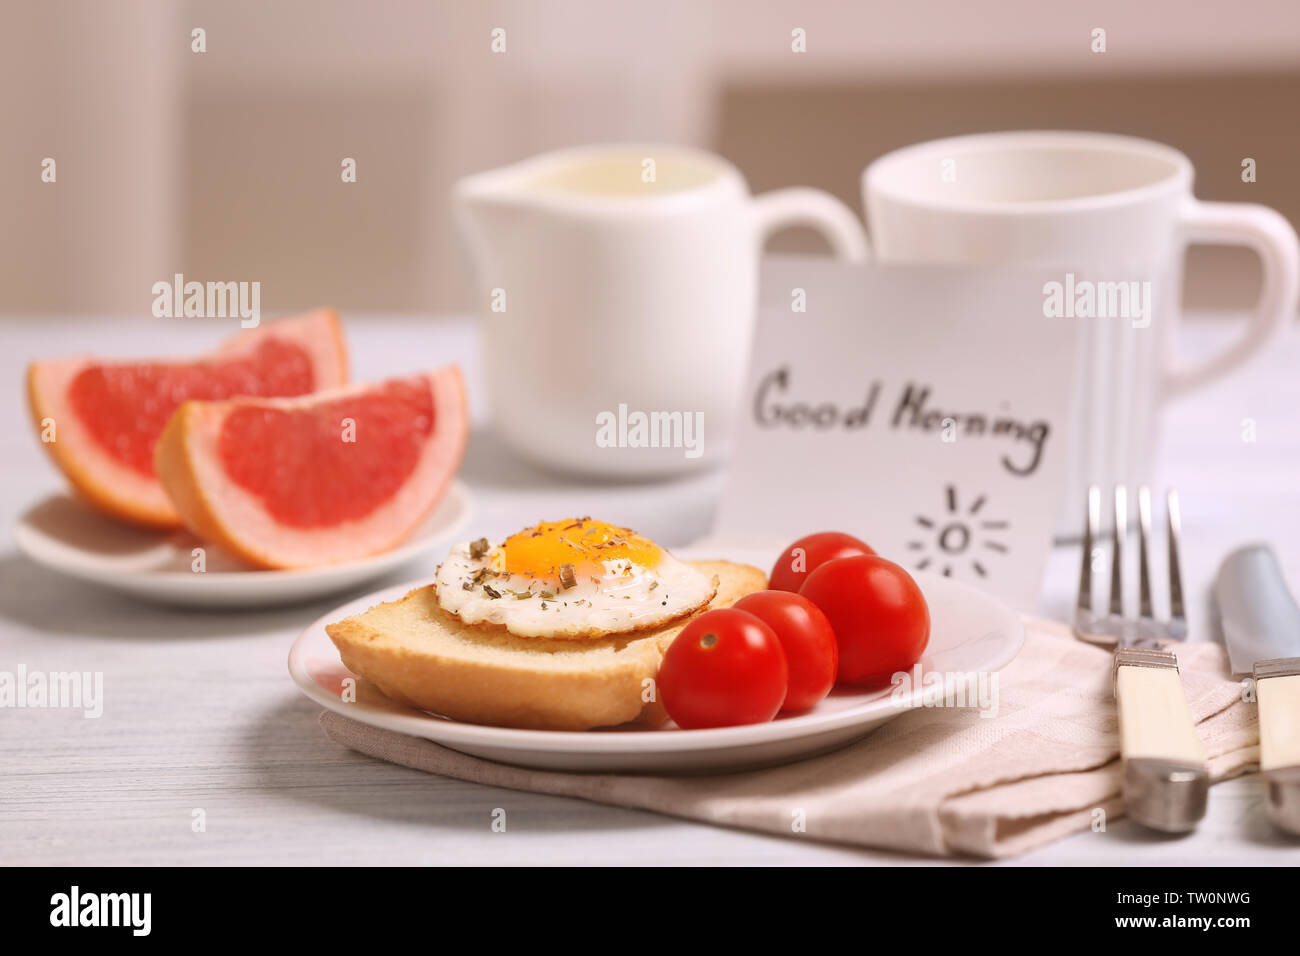 Köstliches Frühstück Und Guten Morgen Gruß Hinweis Auf